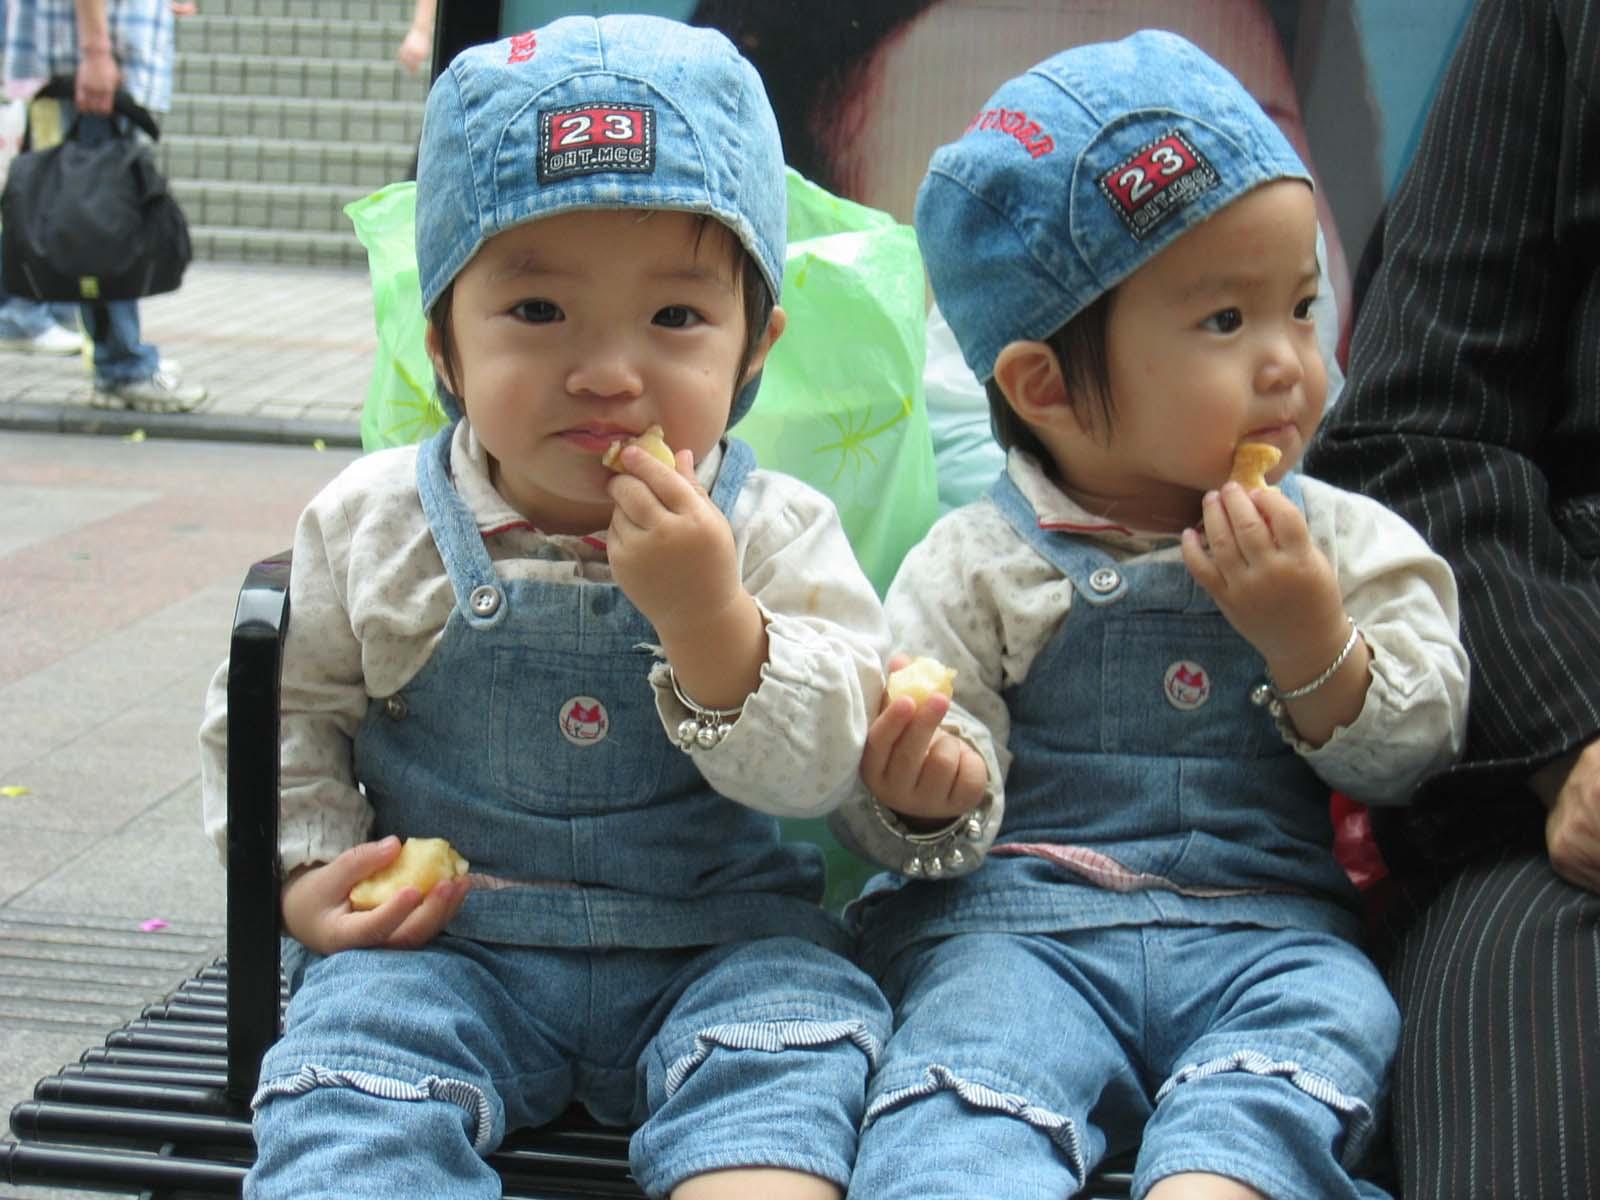 双胞胎姐妹小1 - 一壶清茶 - 一壶青茶-----欢迎你!